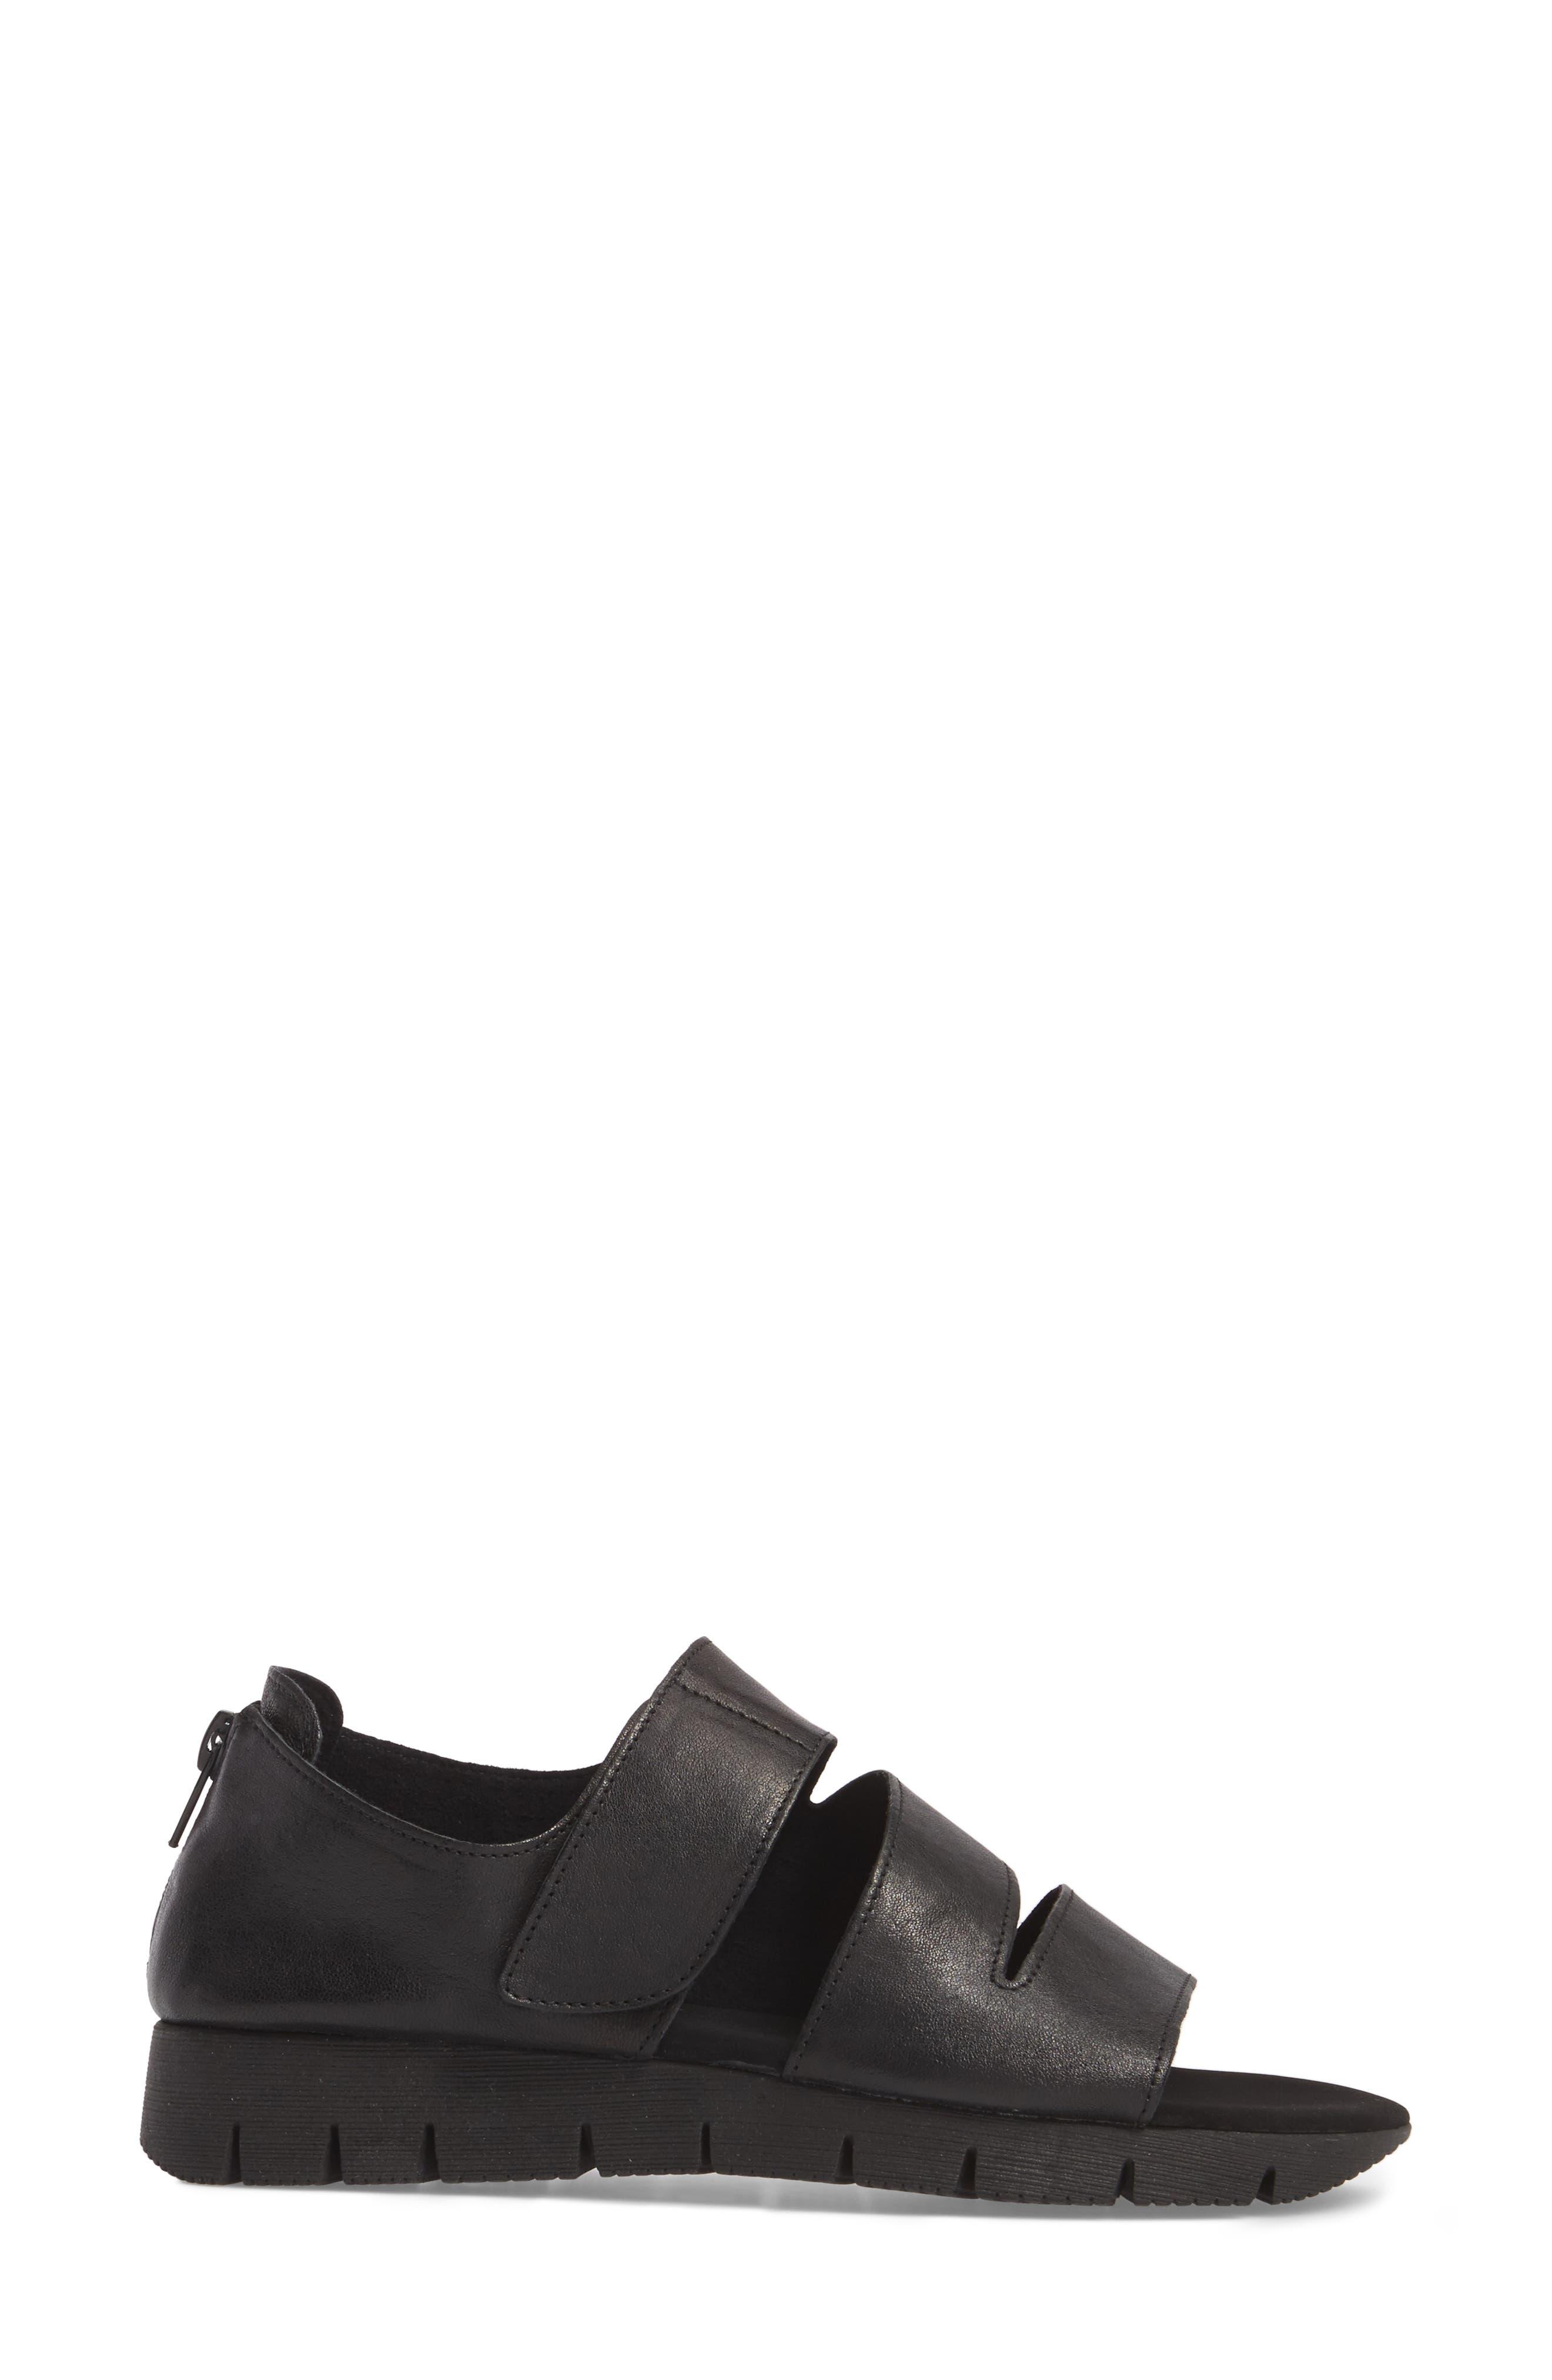 Tango Sandal,                             Alternate thumbnail 3, color,                             Black Rock/ Tory Black Rubber